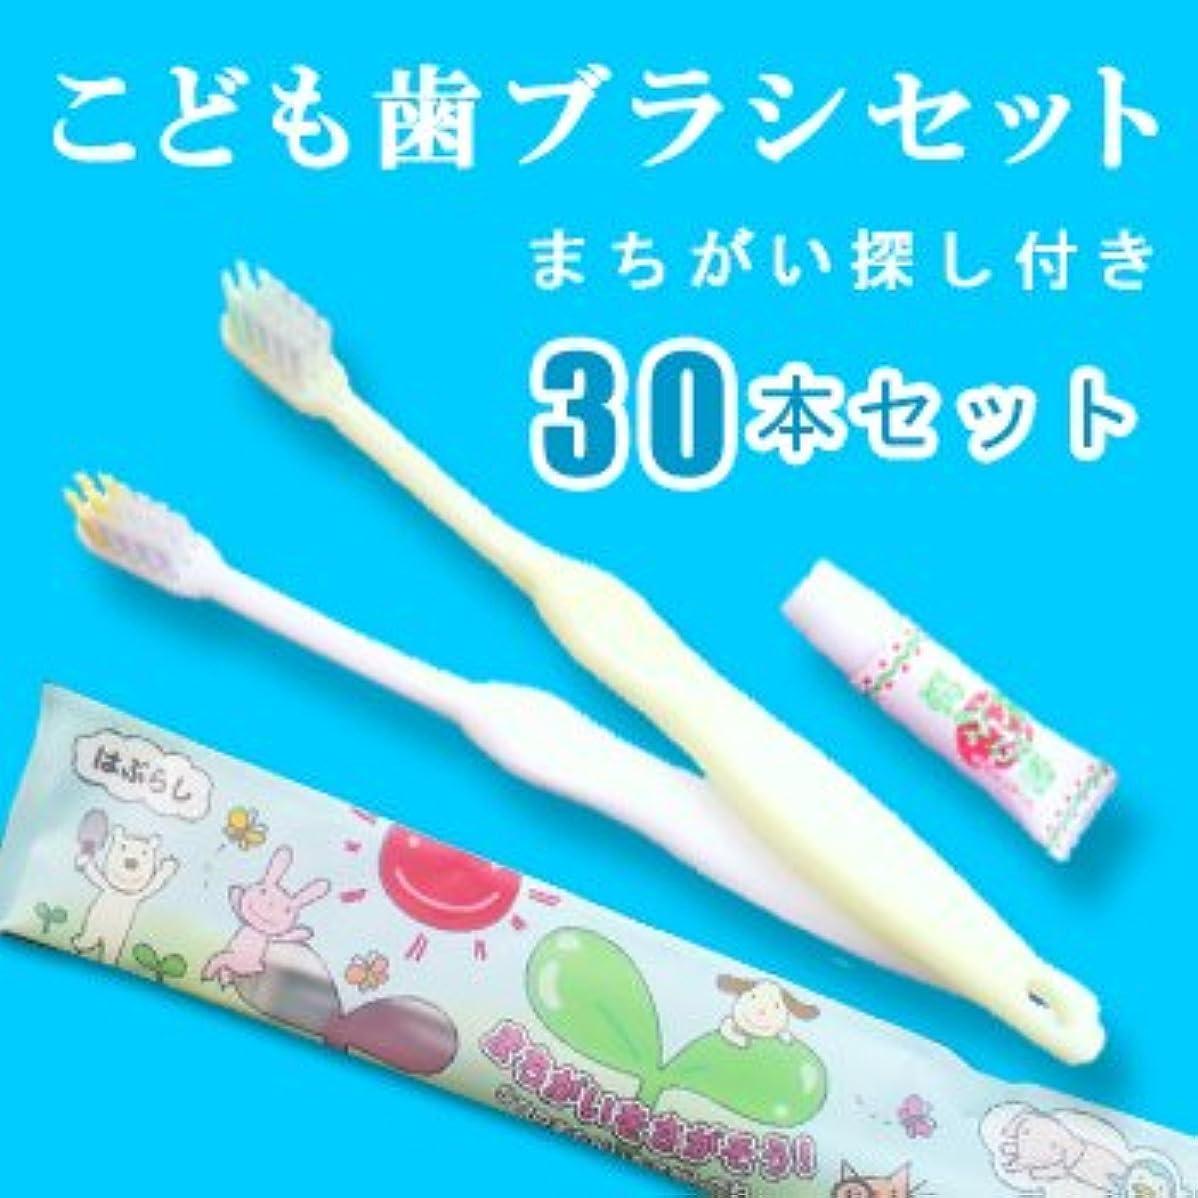 本物のシマウマ告白するこども歯ブラシ いちご味の歯磨き粉3gチューブ付 ホワイト?イエロー各15本アソート(1セット30本)